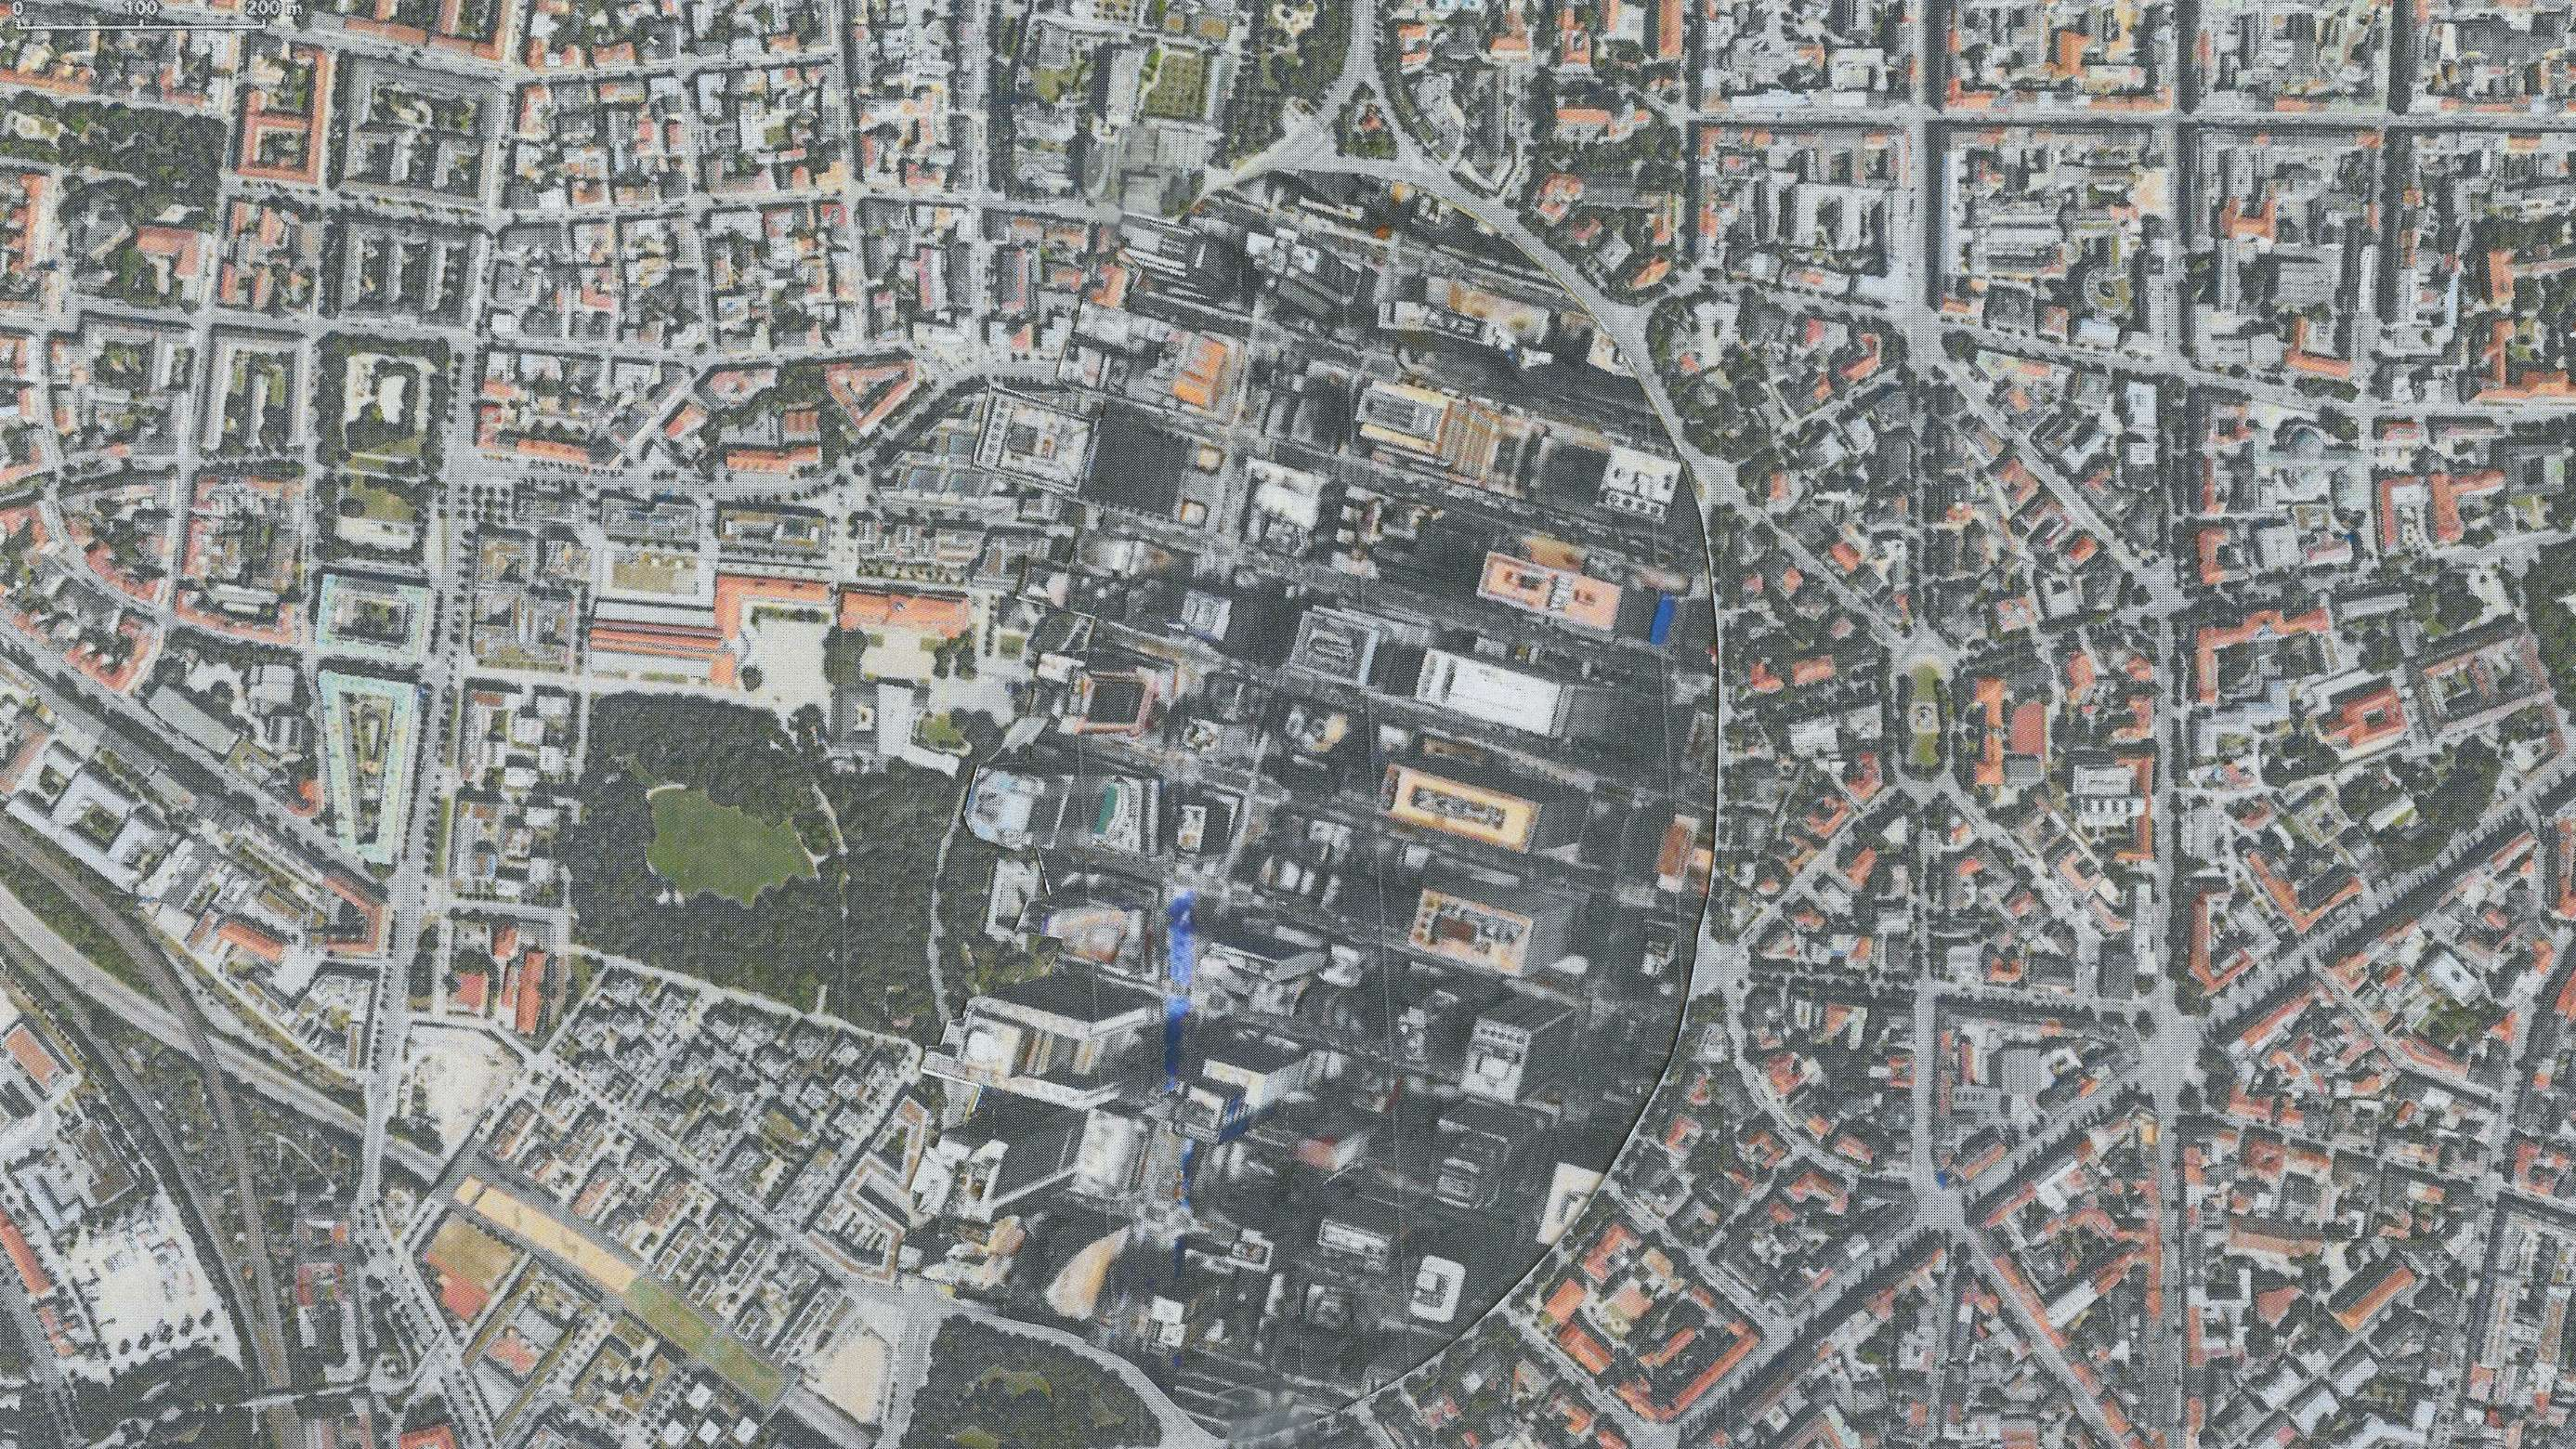 Provokante Frage: Ein Stück Manhattan auf den 43 Hektar der Theresienwiese?